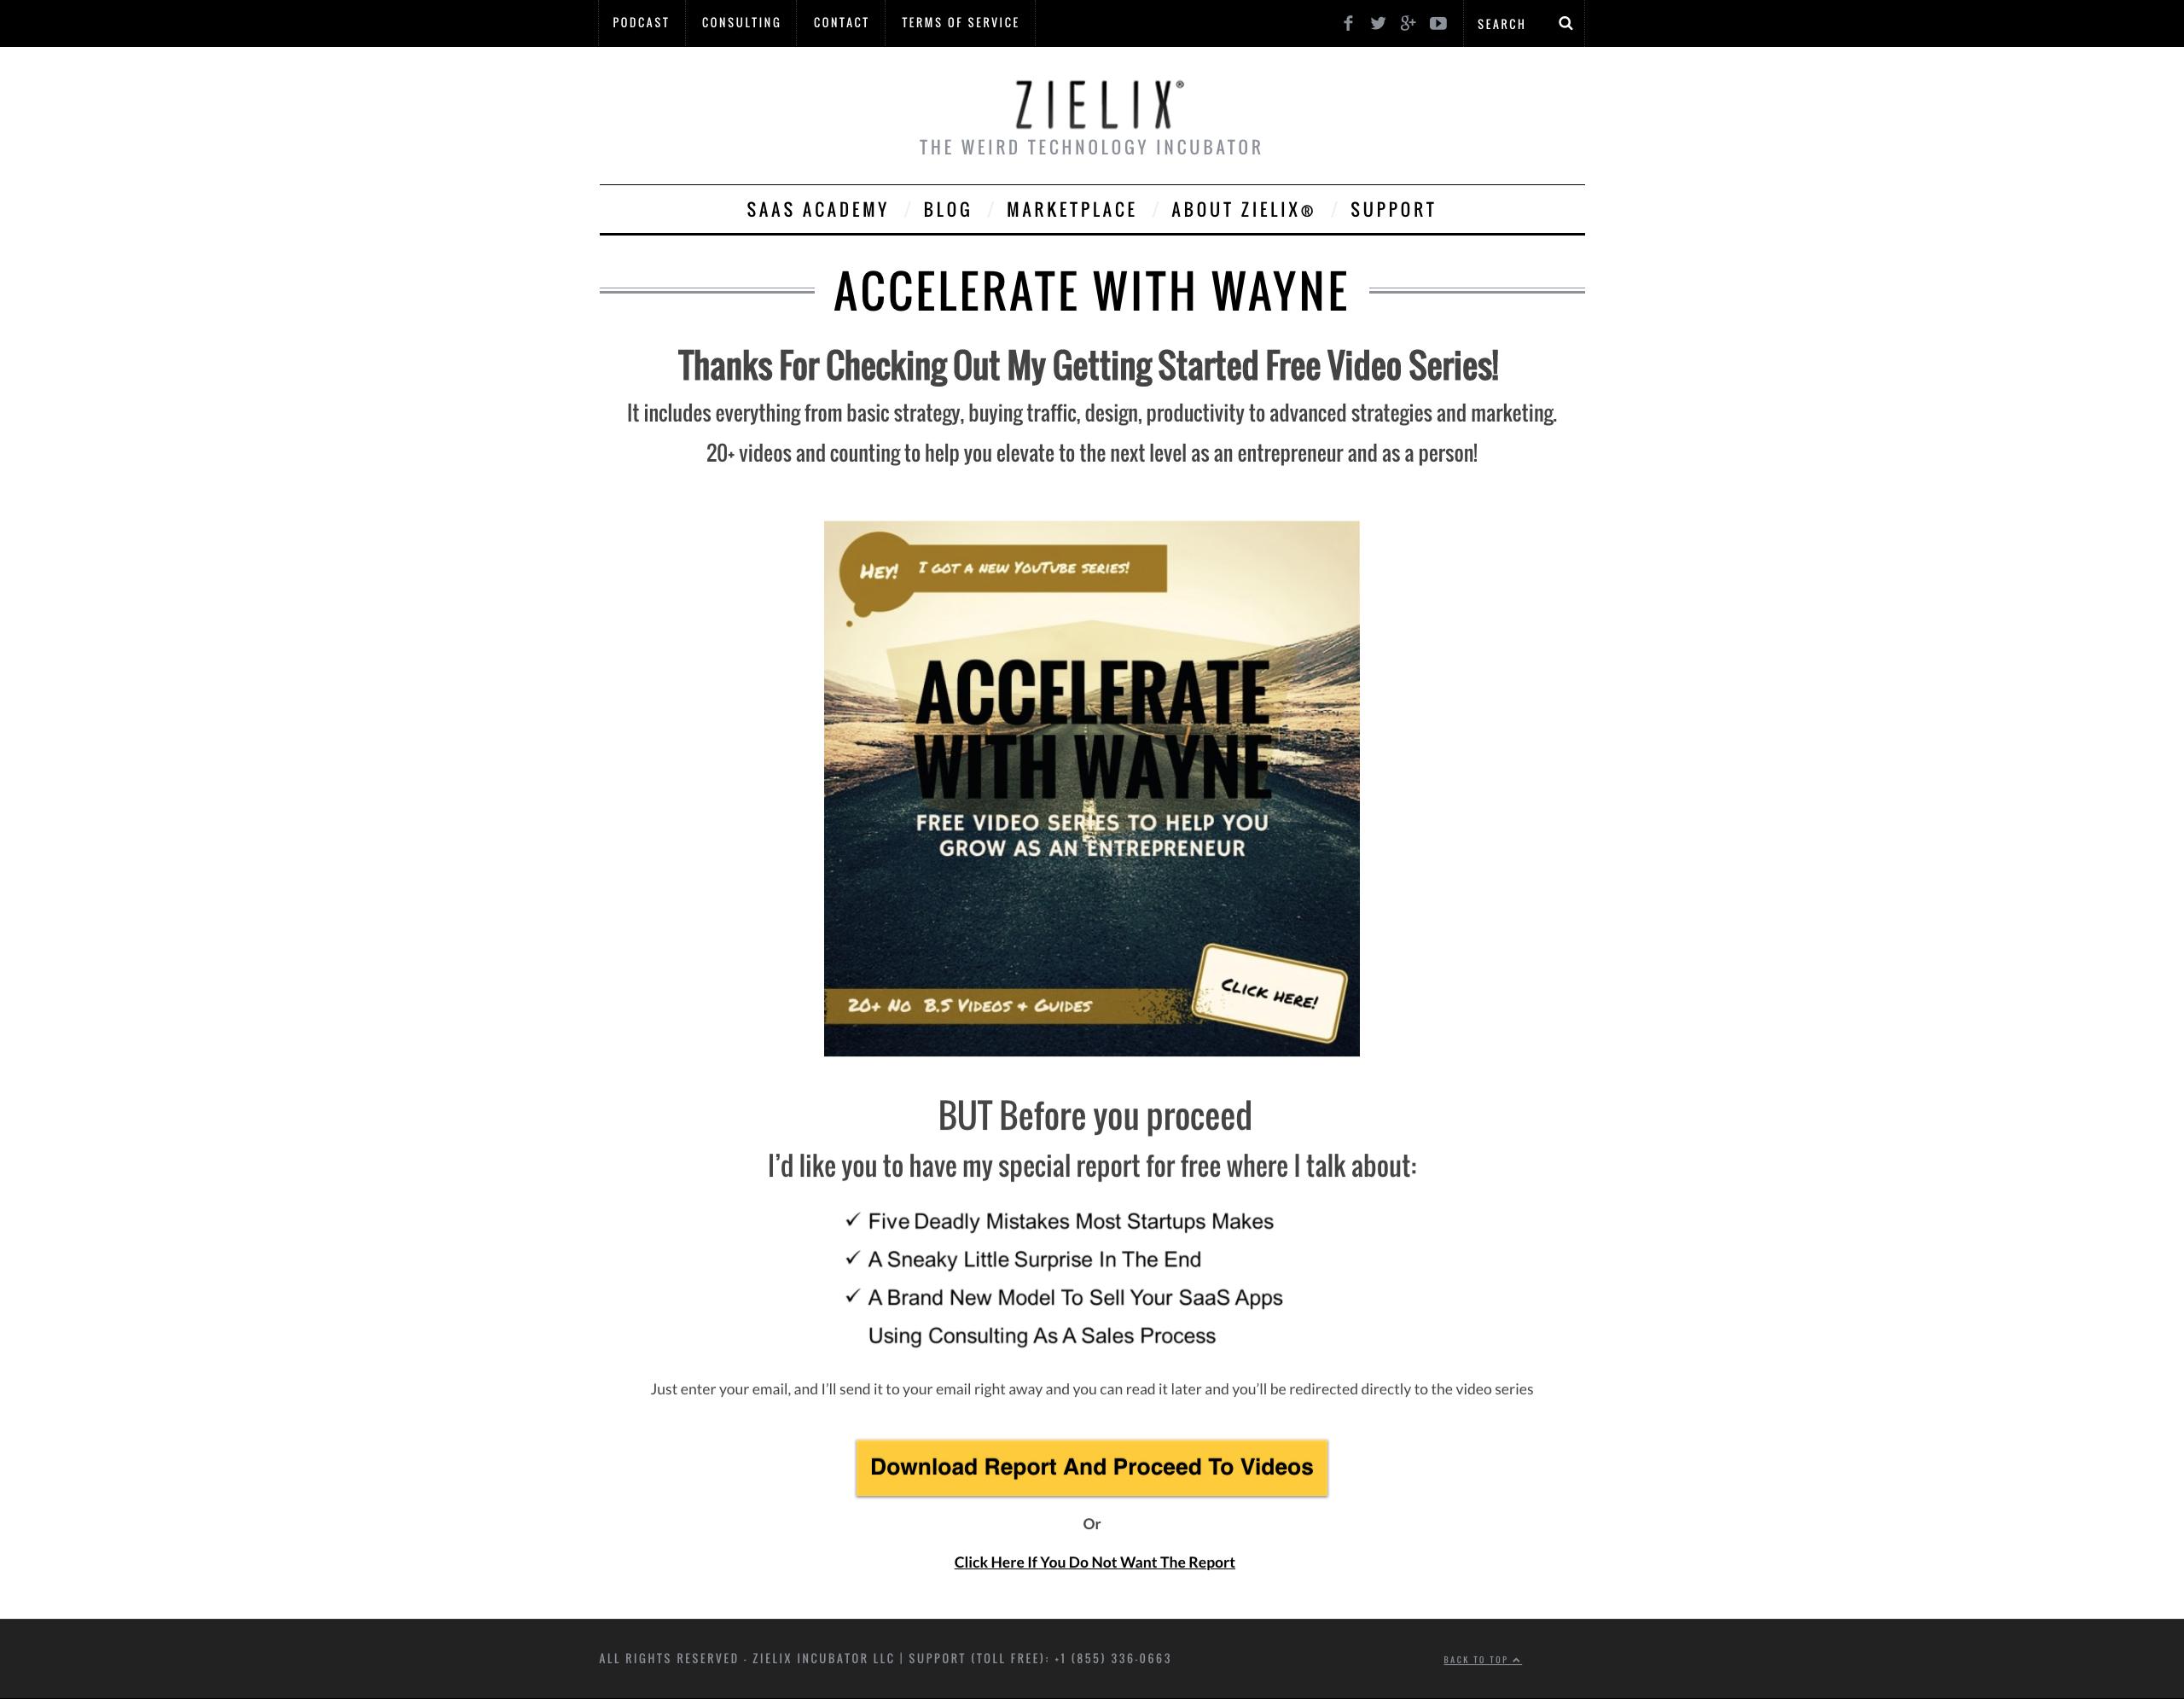 Zielix – Accelerate